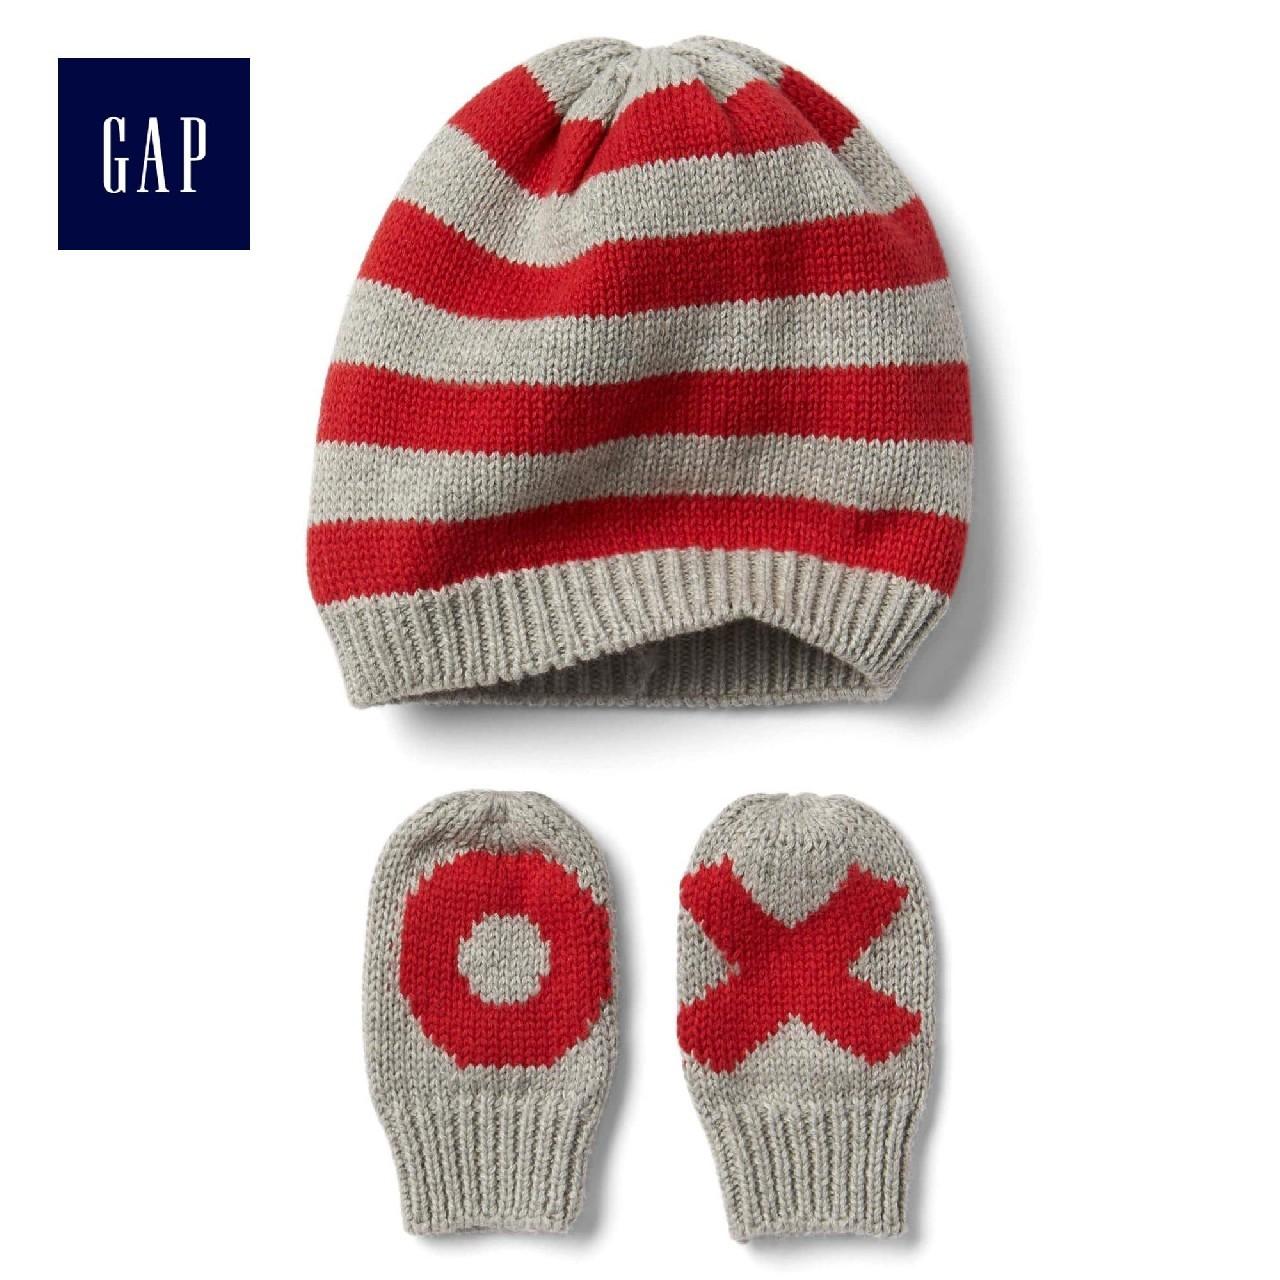 Gap мужчина ребенок хлопок милый полоса шляпа против перчатки установите 332296